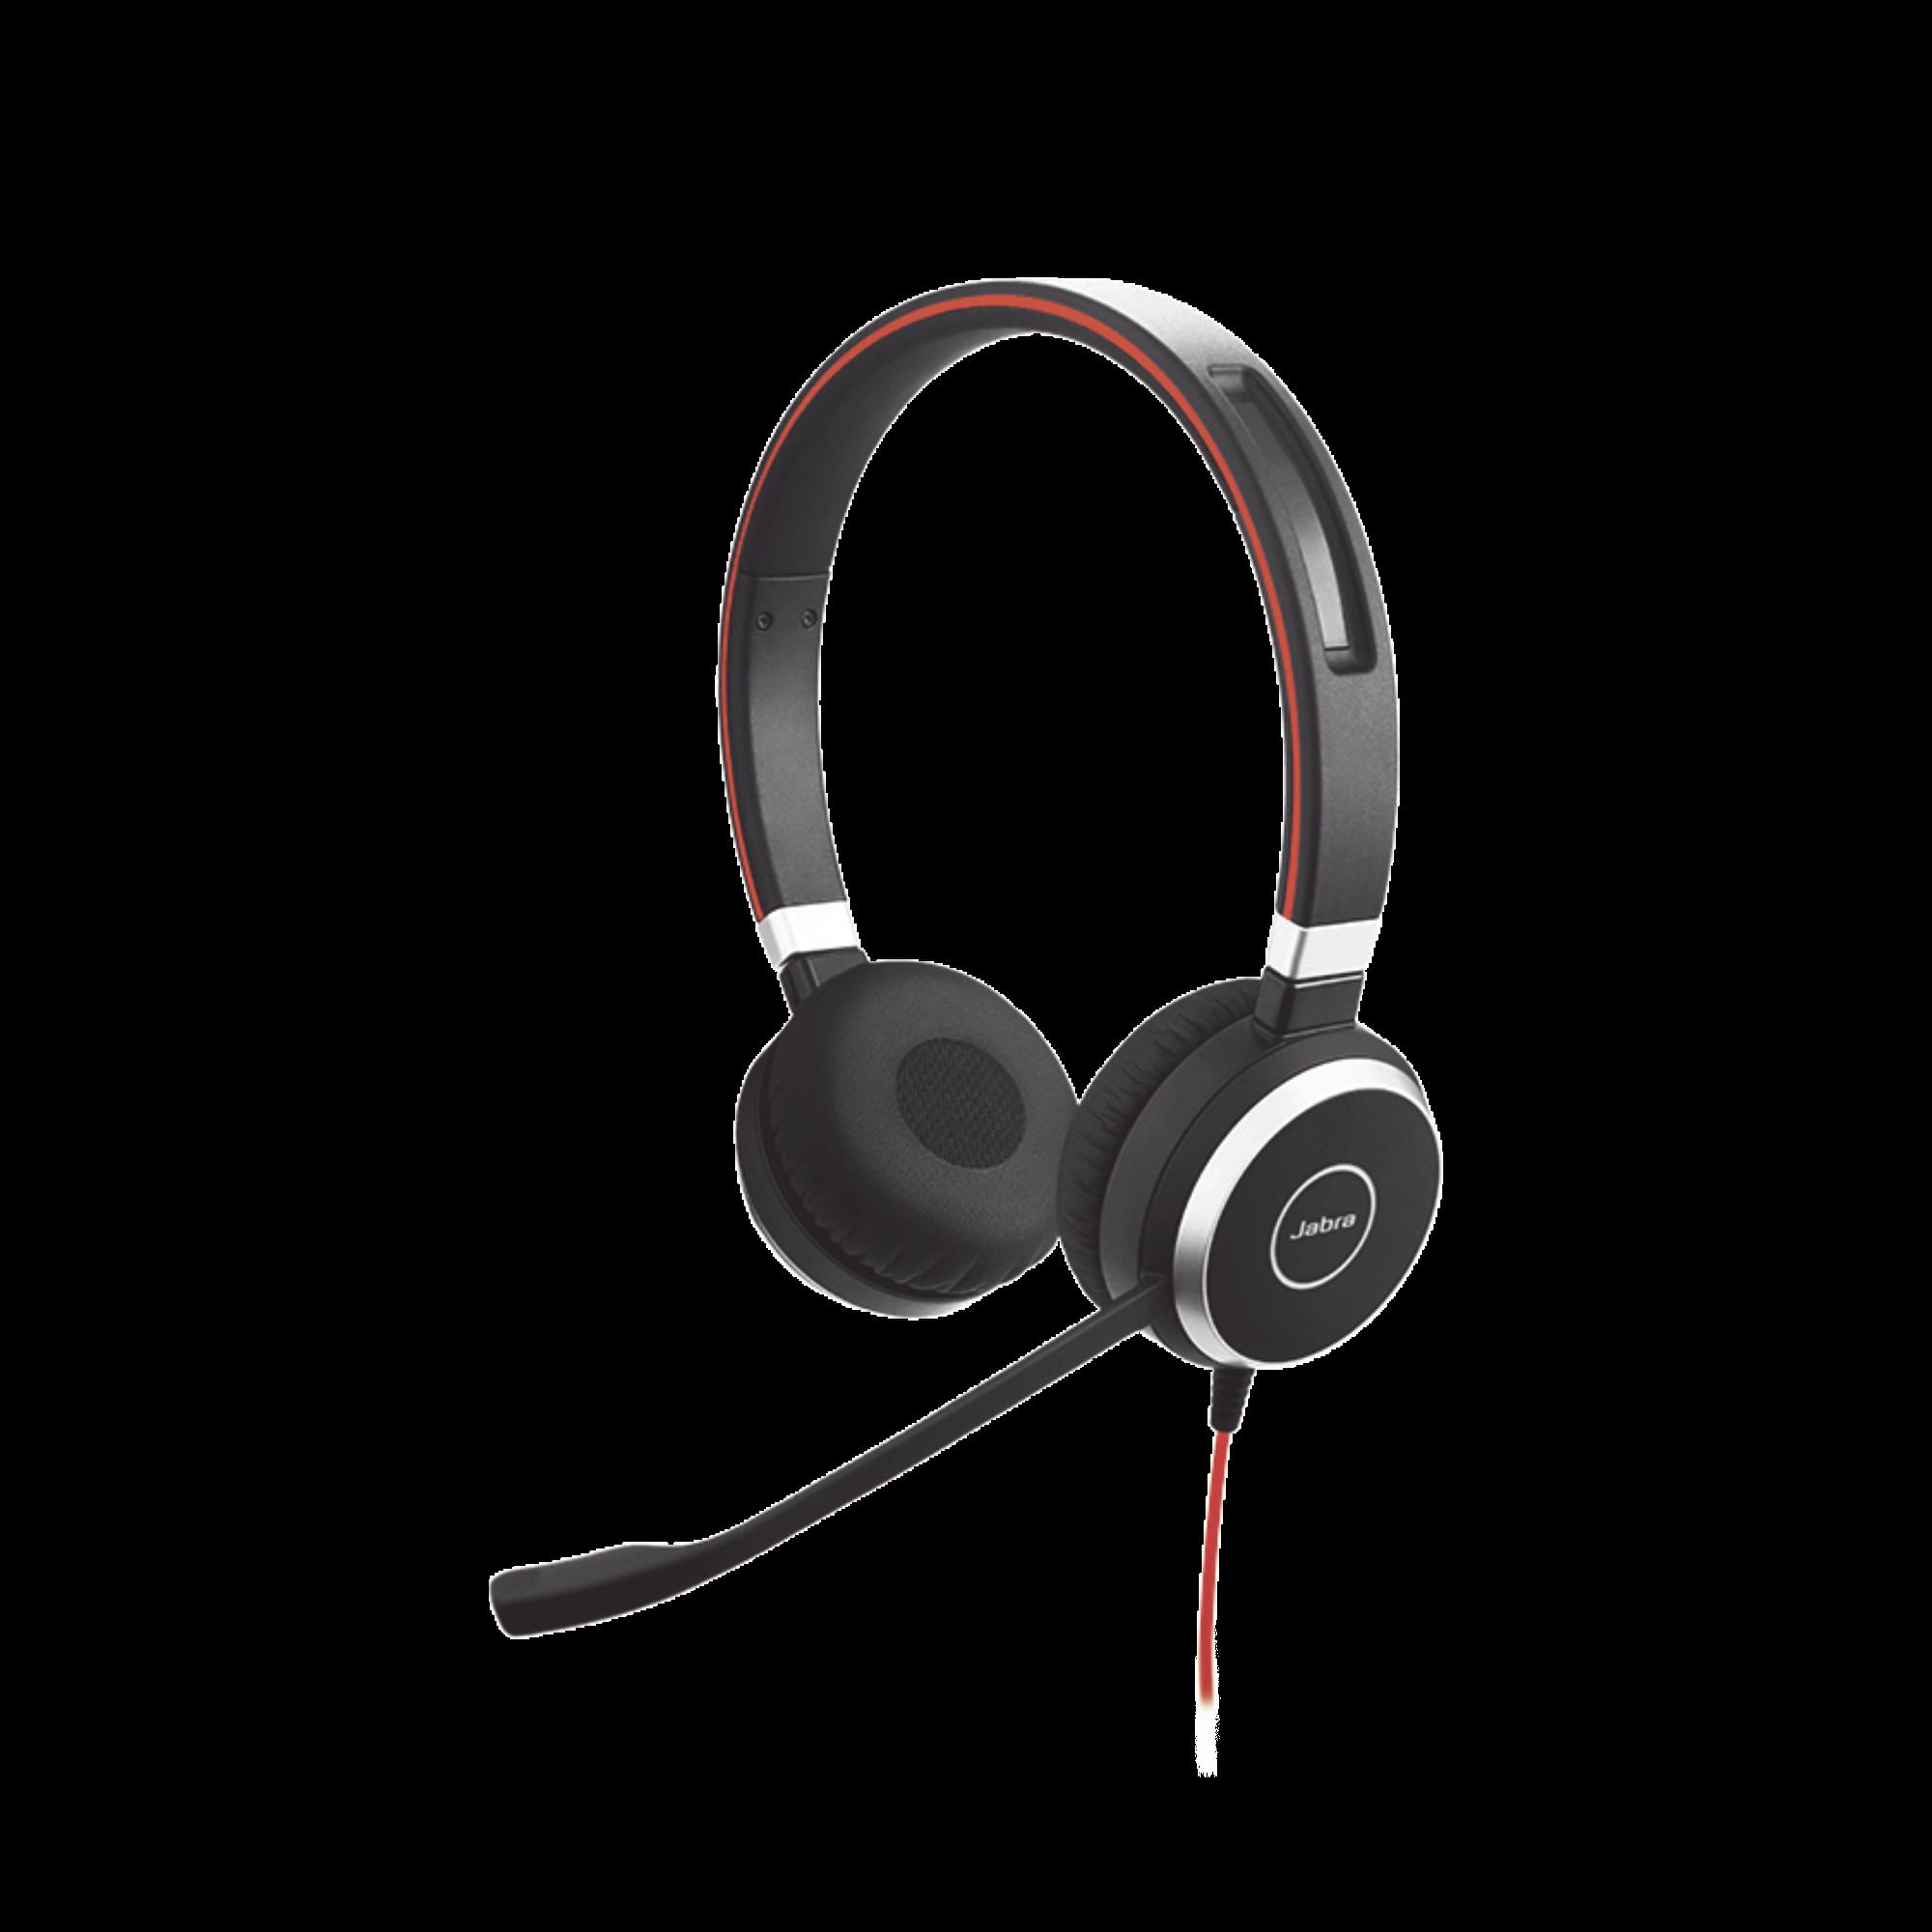 Jabra Evolve 40 Duo con Conexion USB / 3.5 mm, indicador de ocupado y cancelacion de ruido pasiva (6399-823-109)